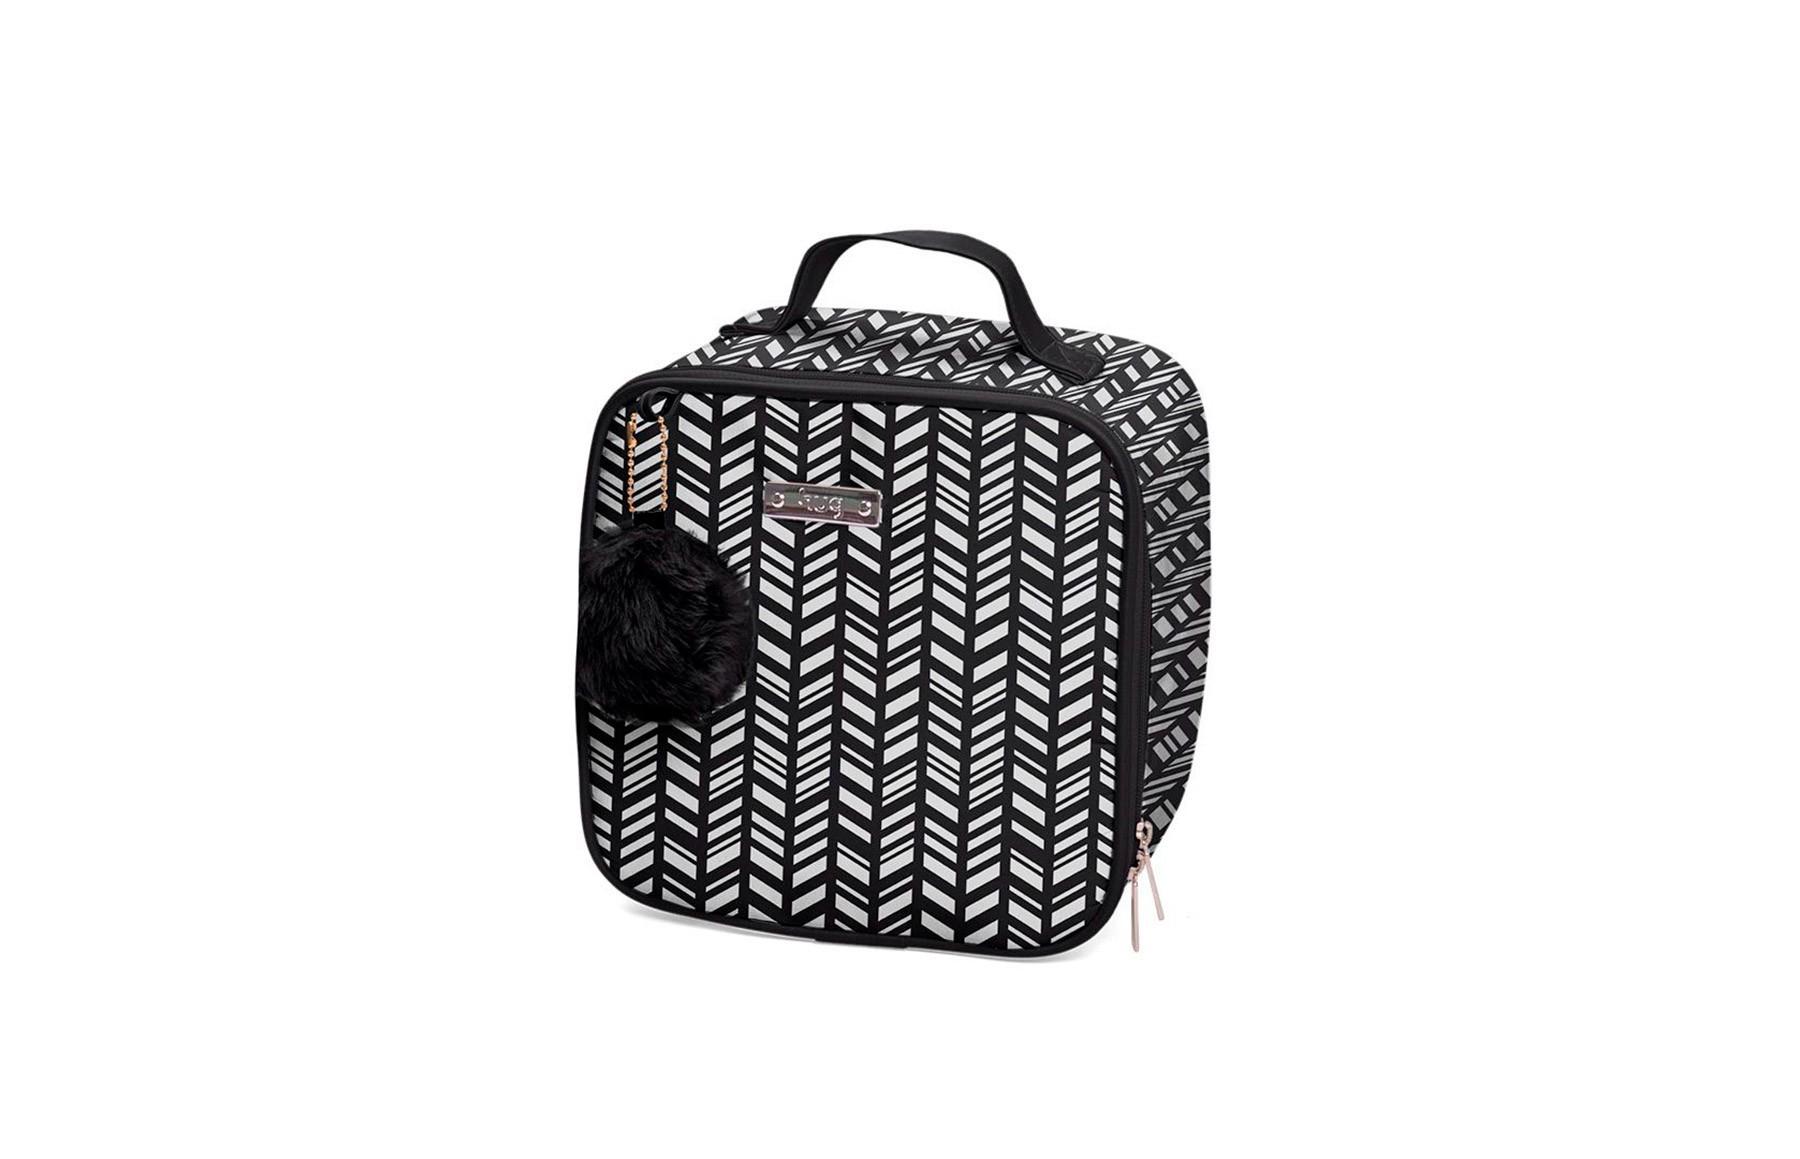 Kit de bolsas 2 peças linha Marrocos cor preta